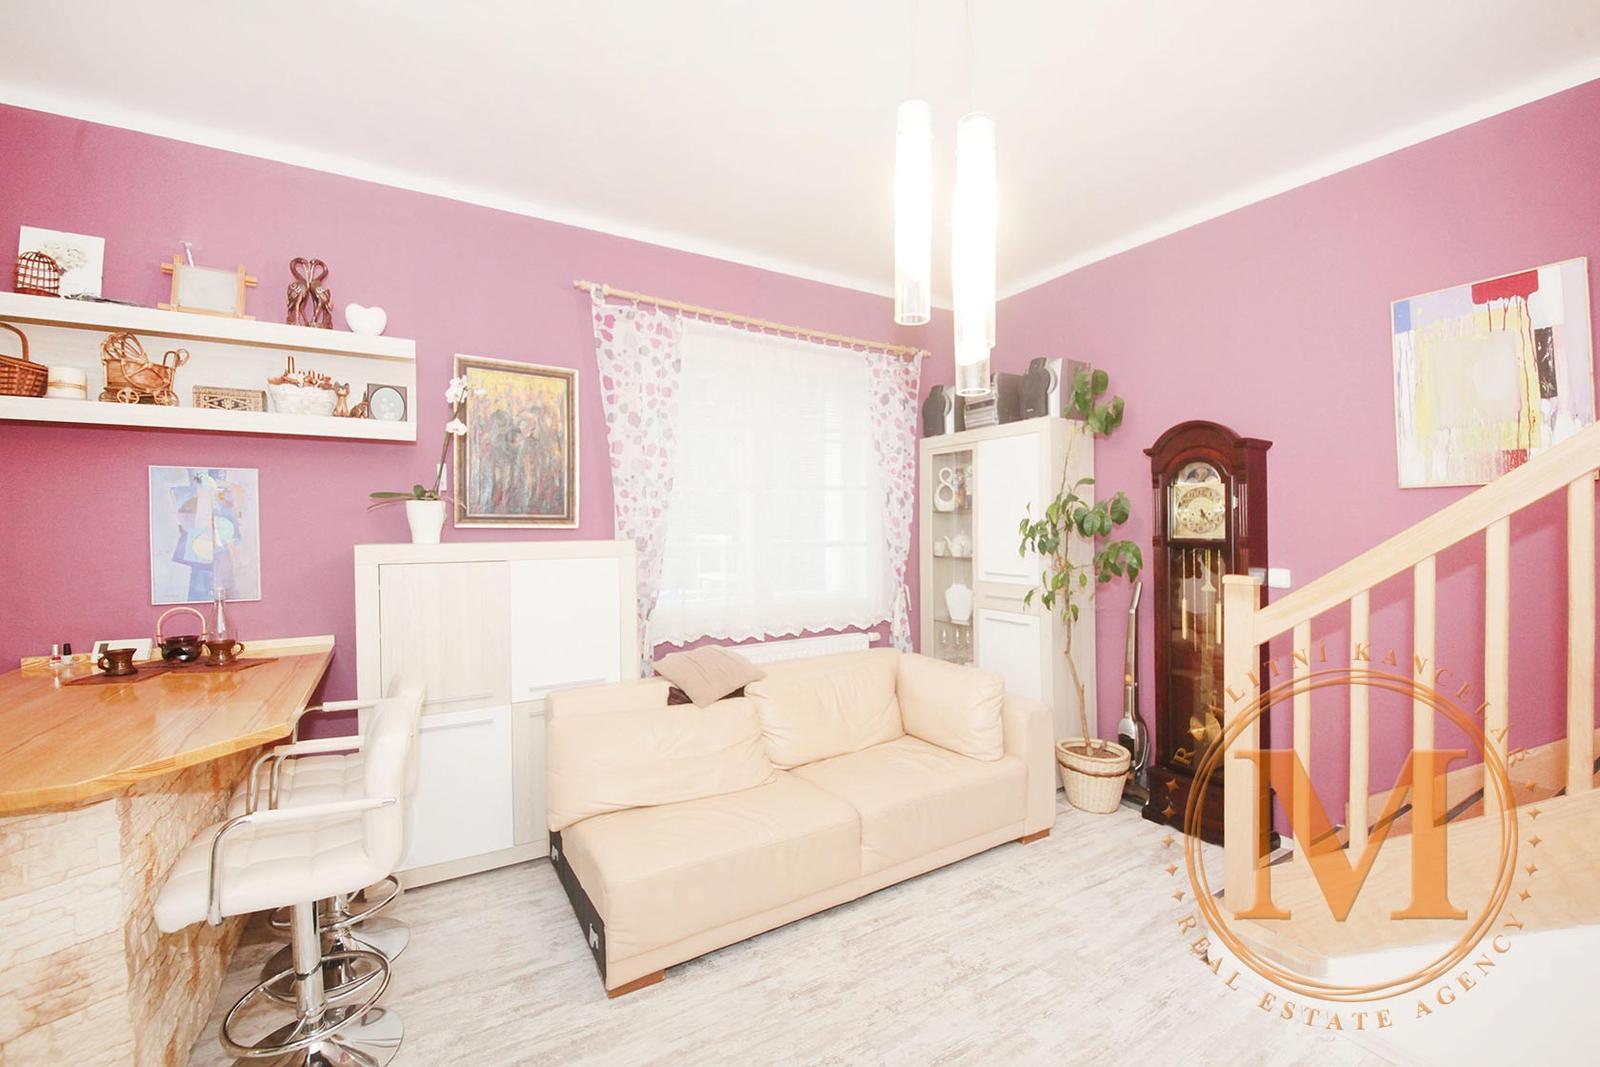 Inspirace budoucí obývací pokoj - Obrázek č. 5